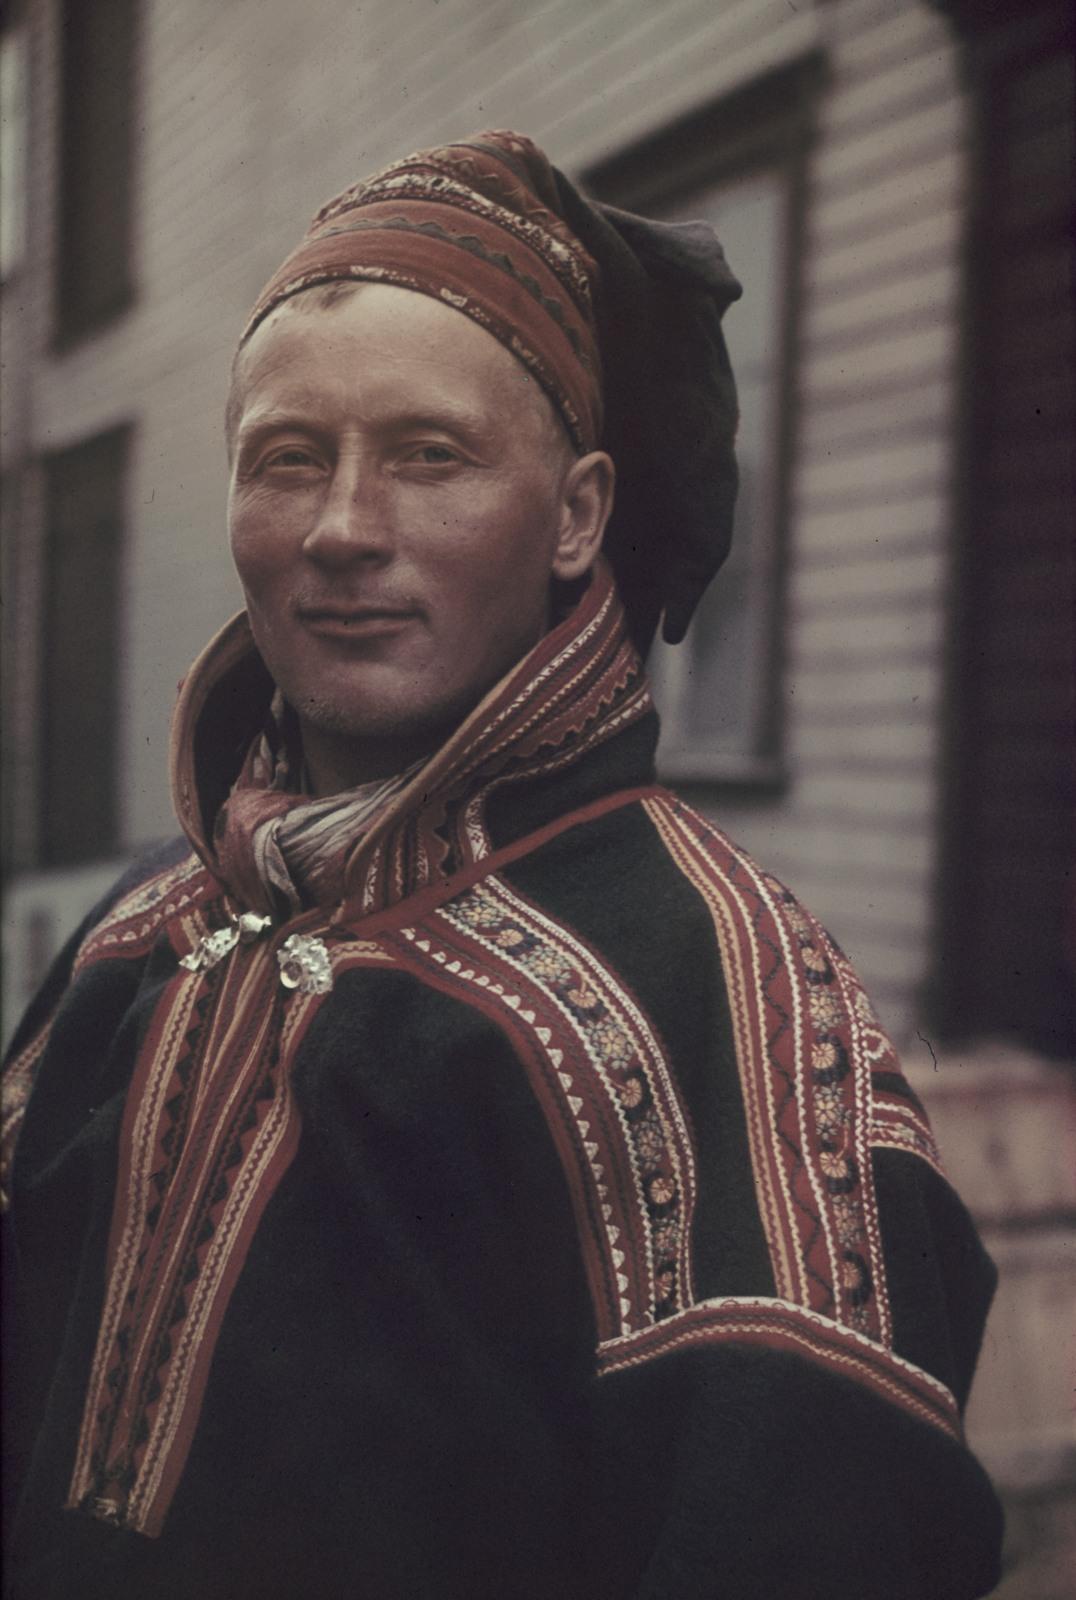 Портрет молодого саама в национальном костюме